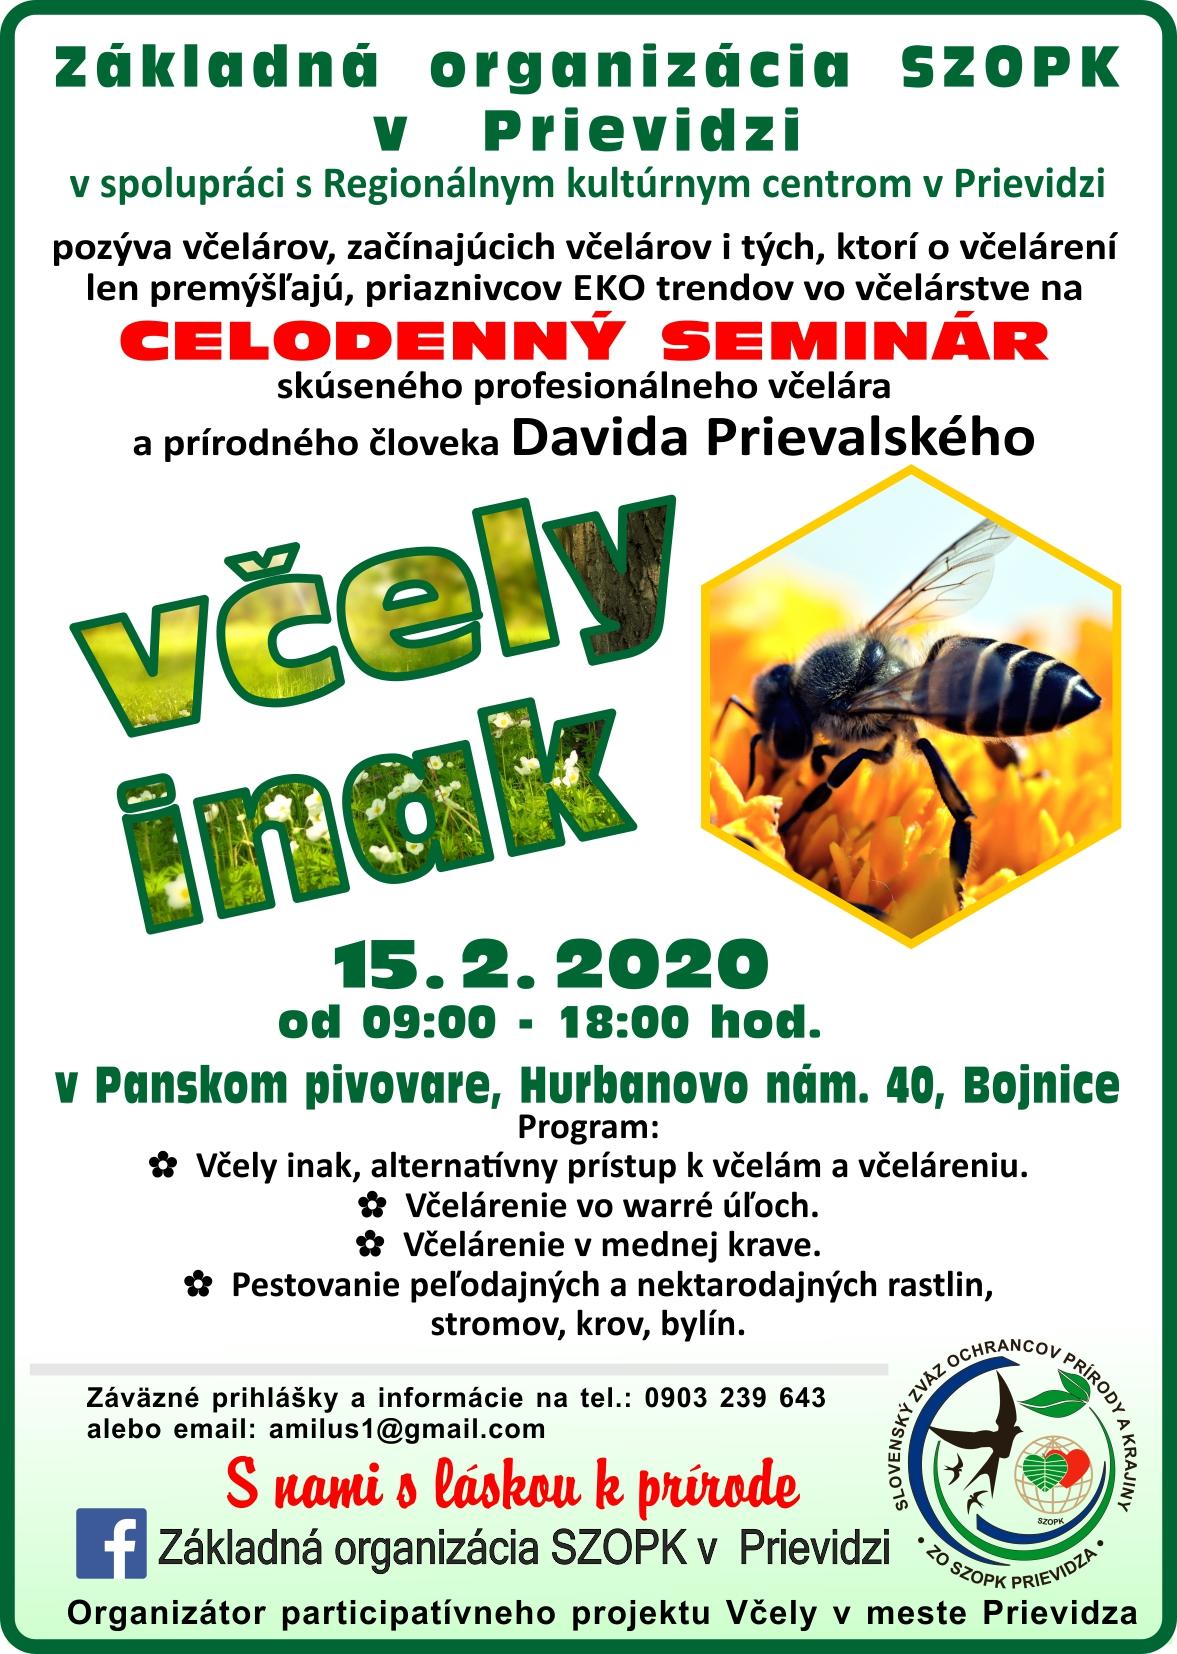 Včely inak - celodenný seminár s Davidom Prievalským